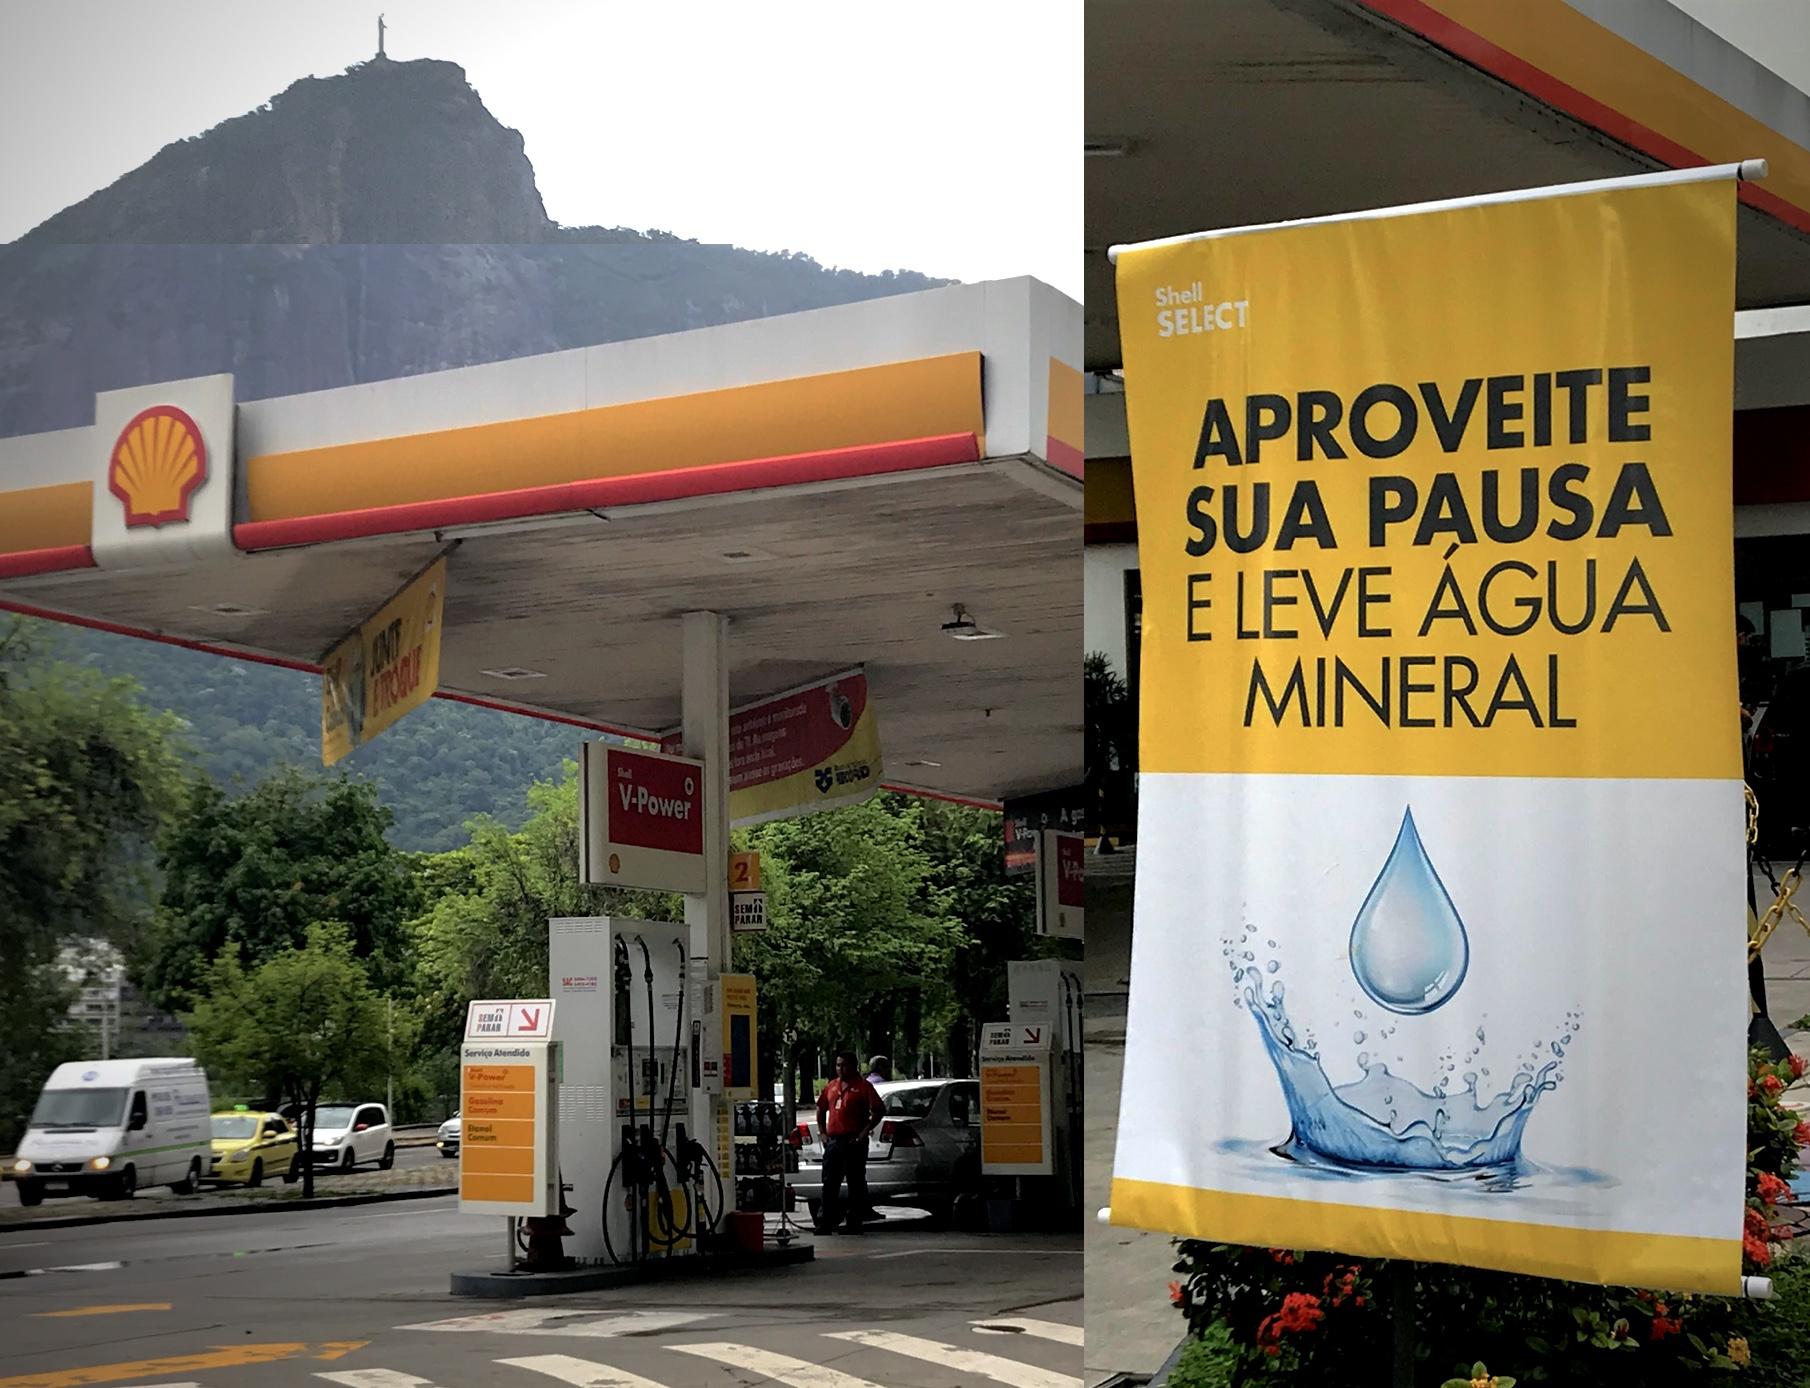 Escassez e disparada de preços: água tem mais destaque em posto do que os próprios combustíveis